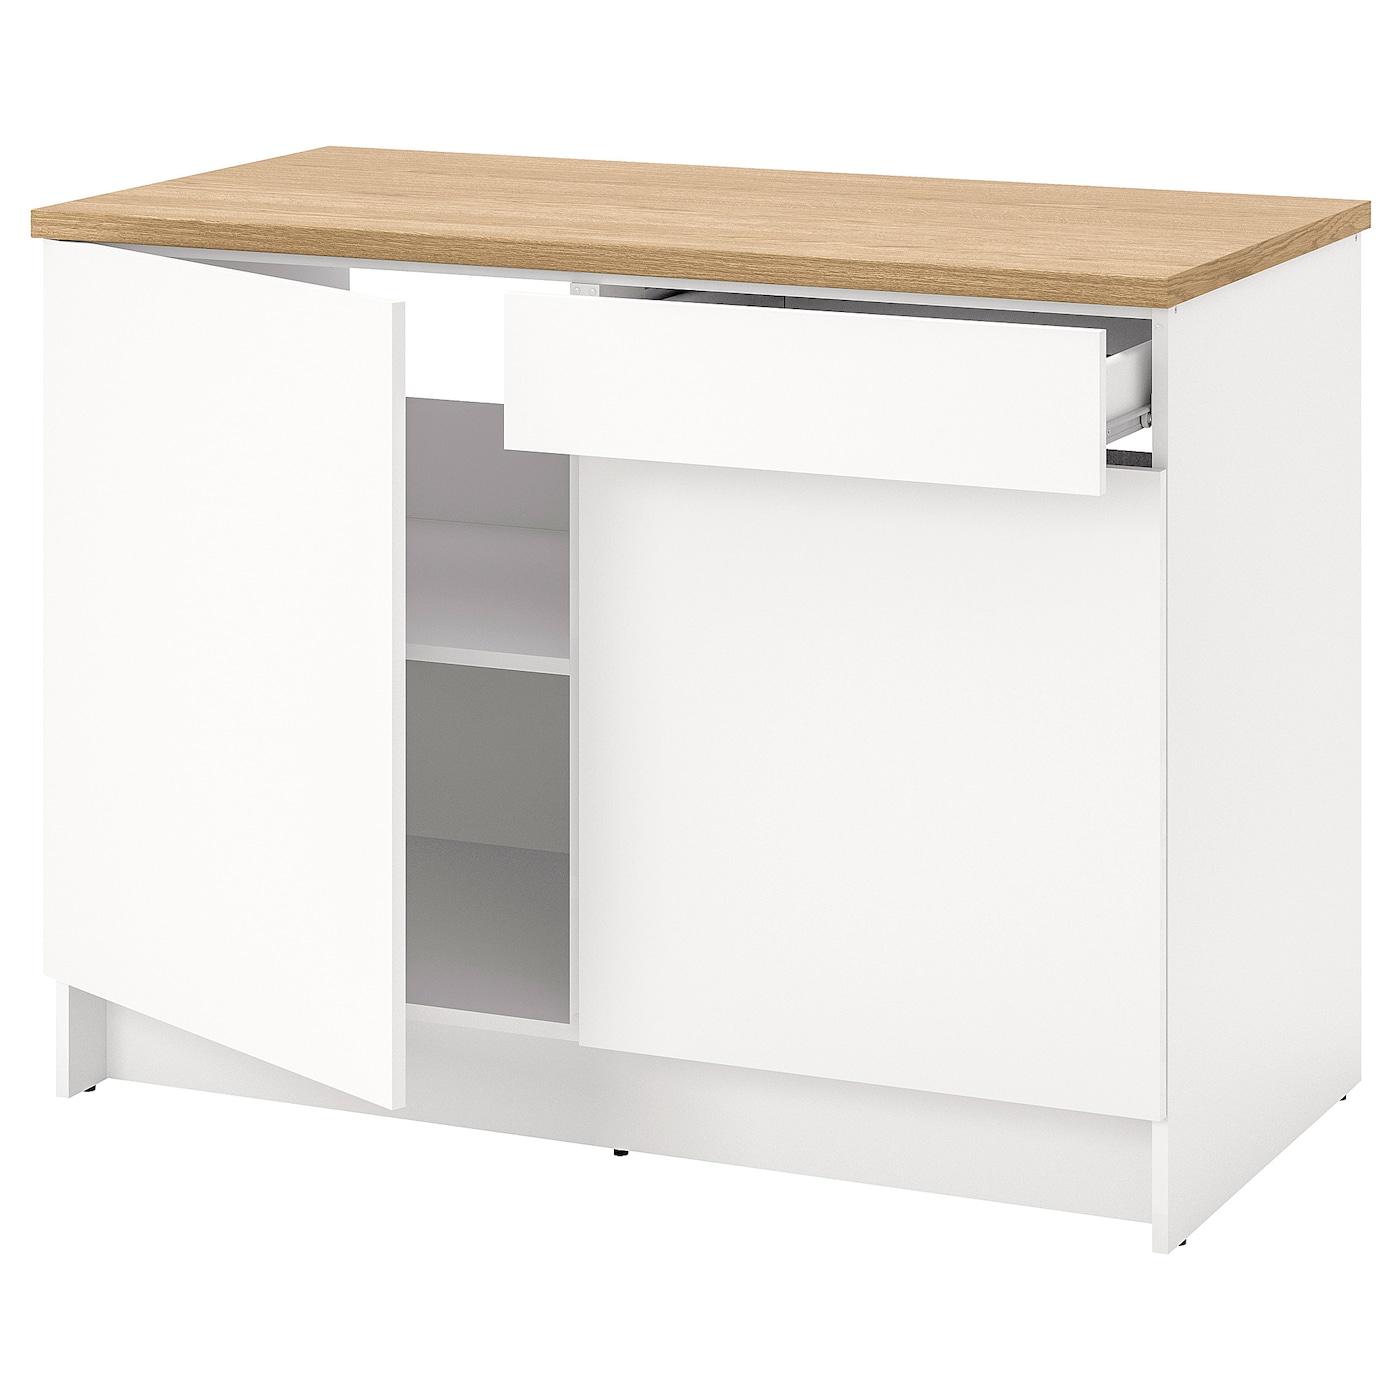 Knoxhult Élément Bas Avec Portes Et Tiroir - Blanc 120 Cm serapportantà Meuble Sous Évier 100 Cm Ikea